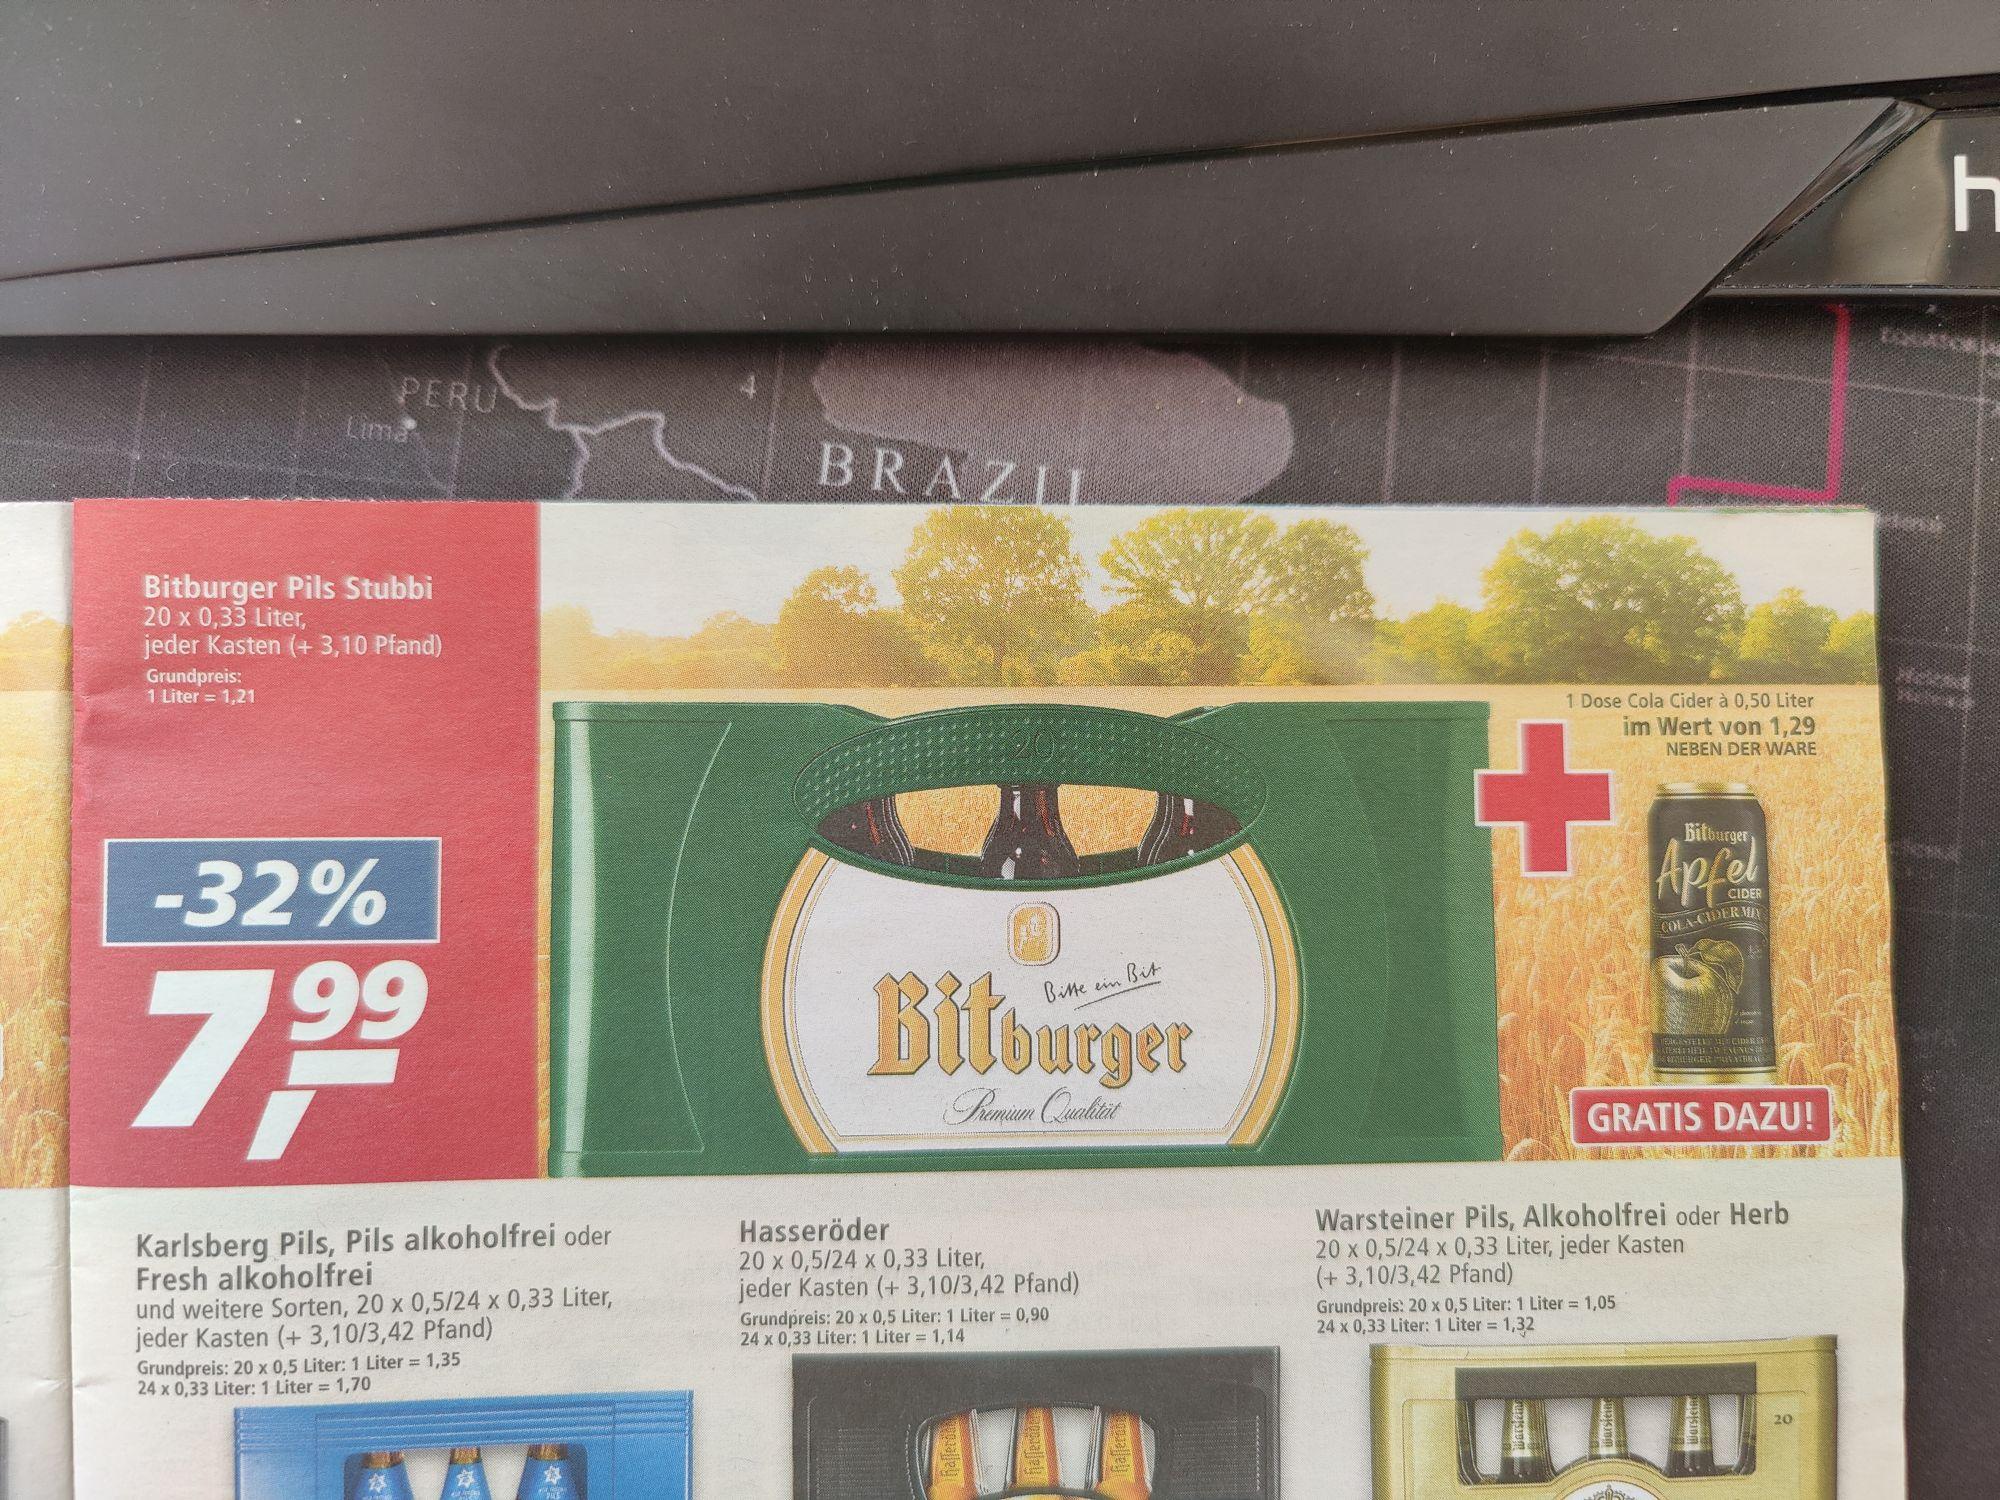 (Real) Bitburger Stubbi Kiste + Cider (Bundesweit? Lokal Trier?)